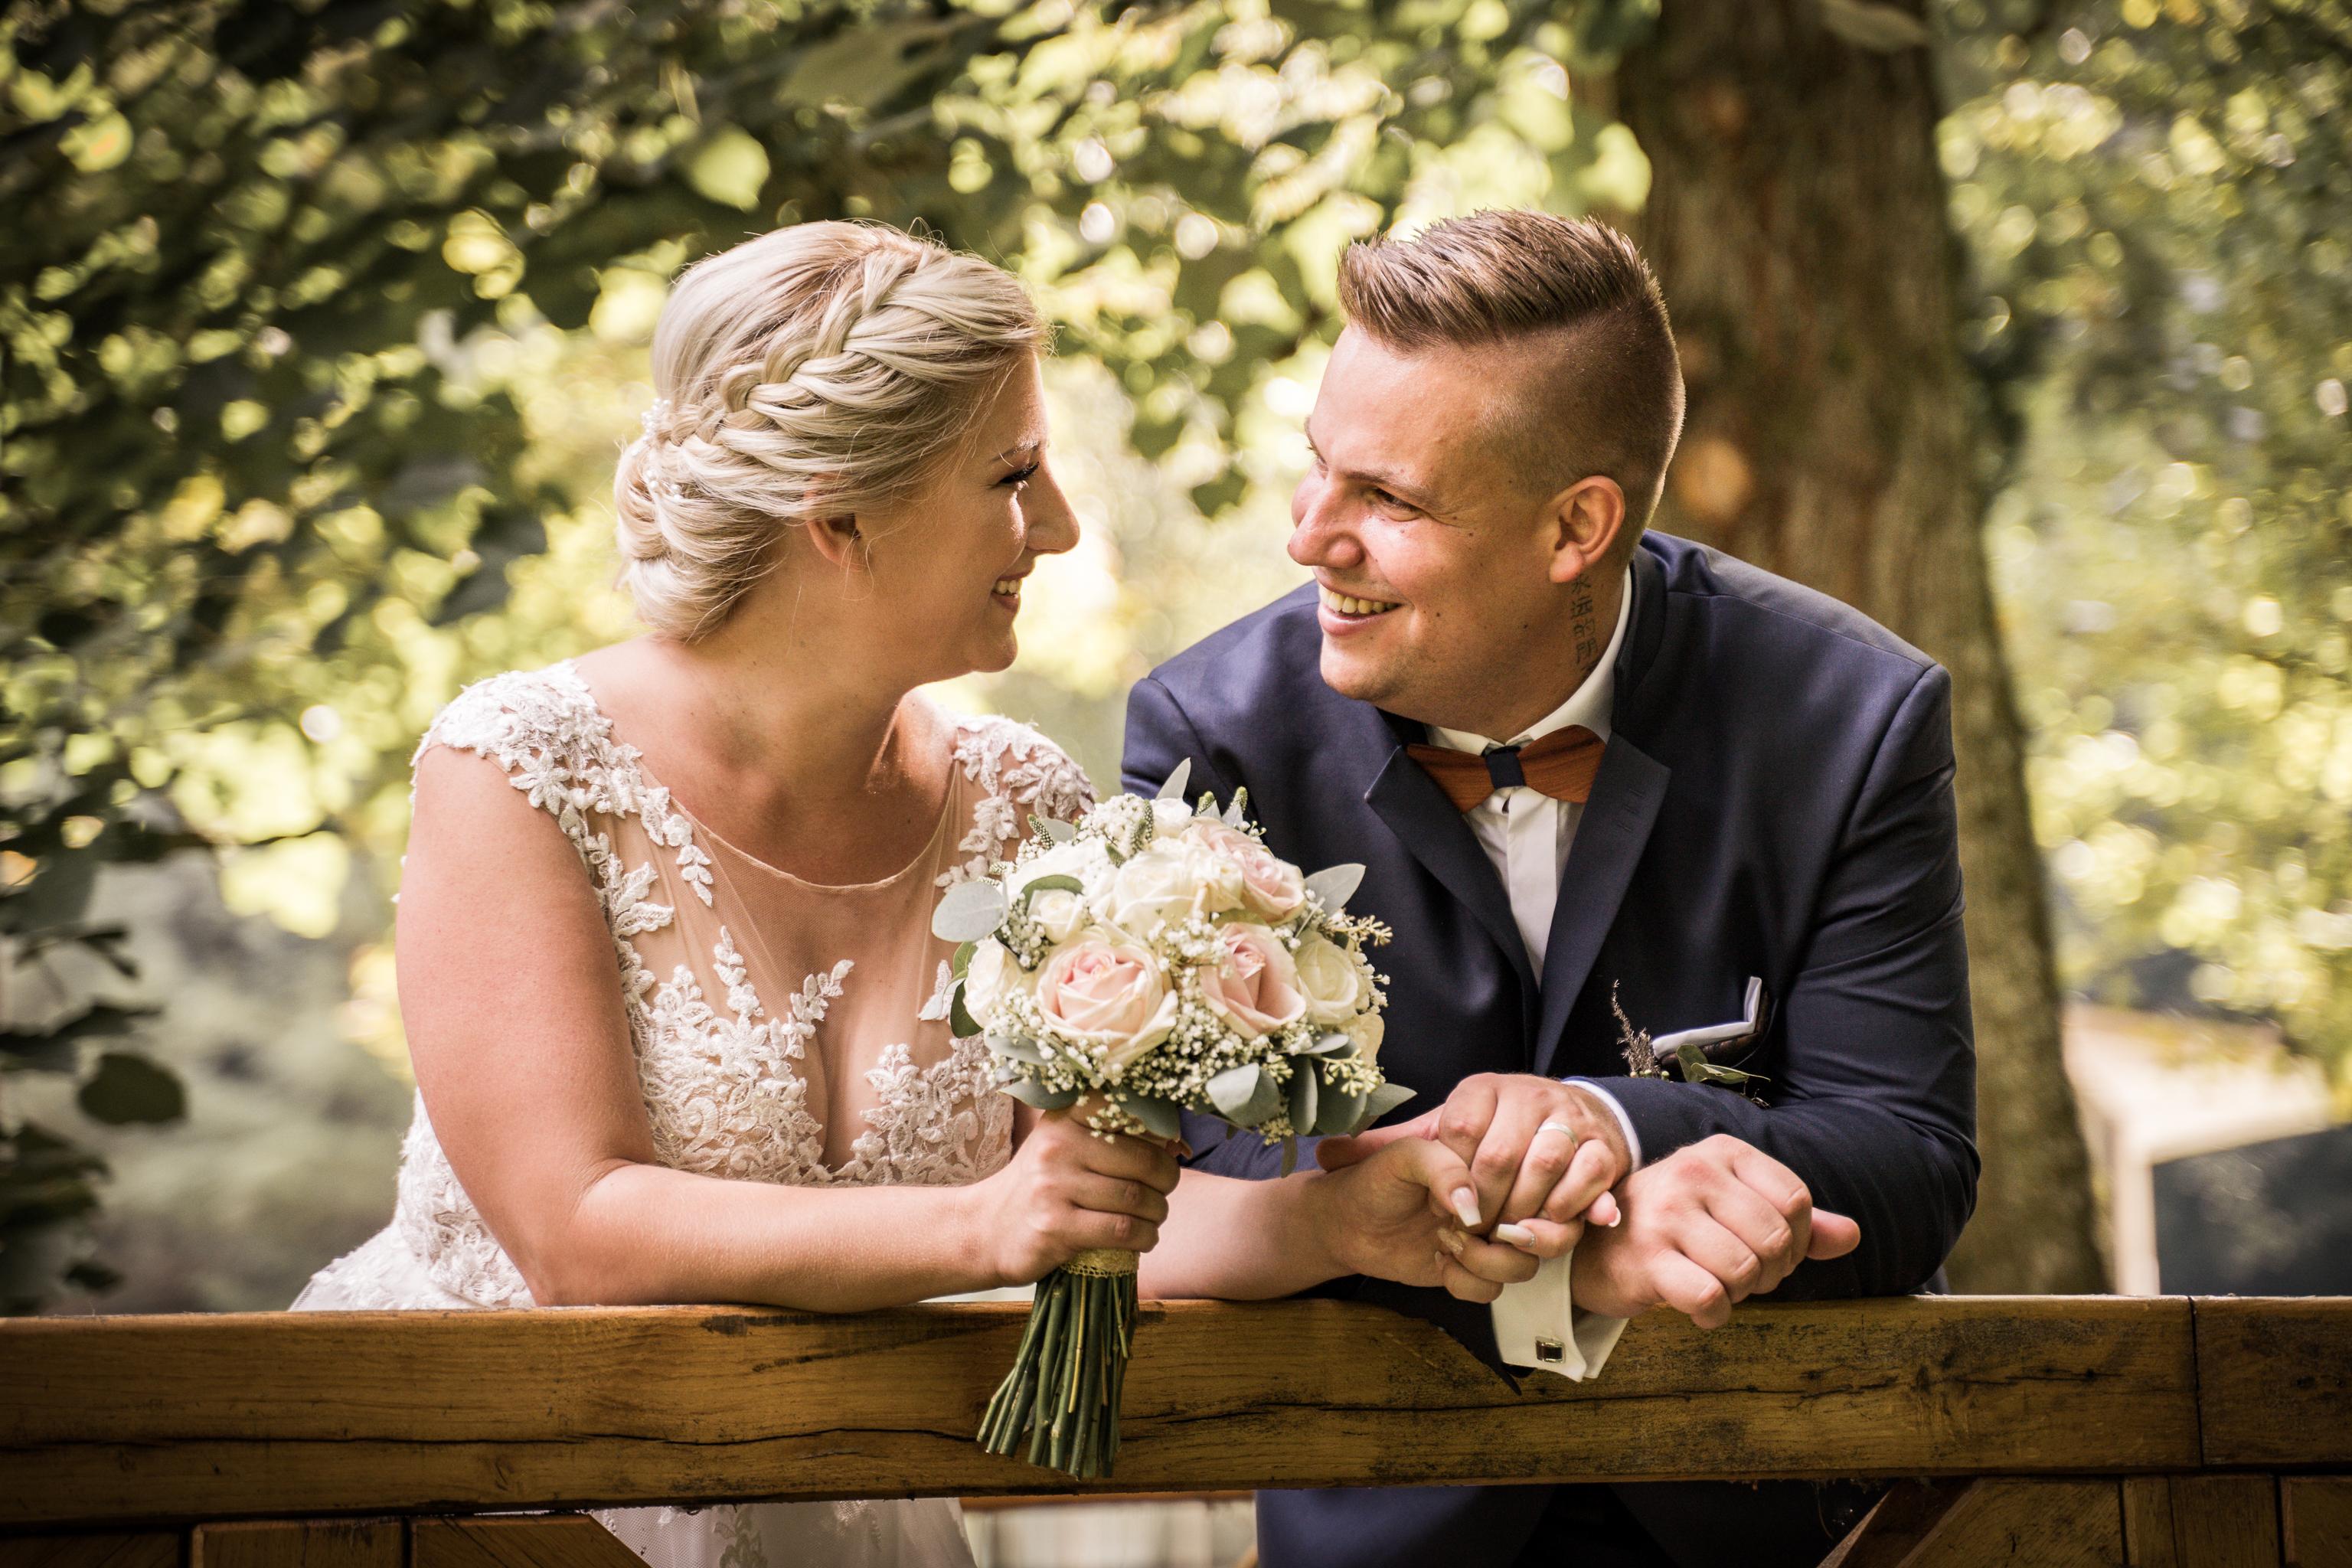 wedding (8 of 16)